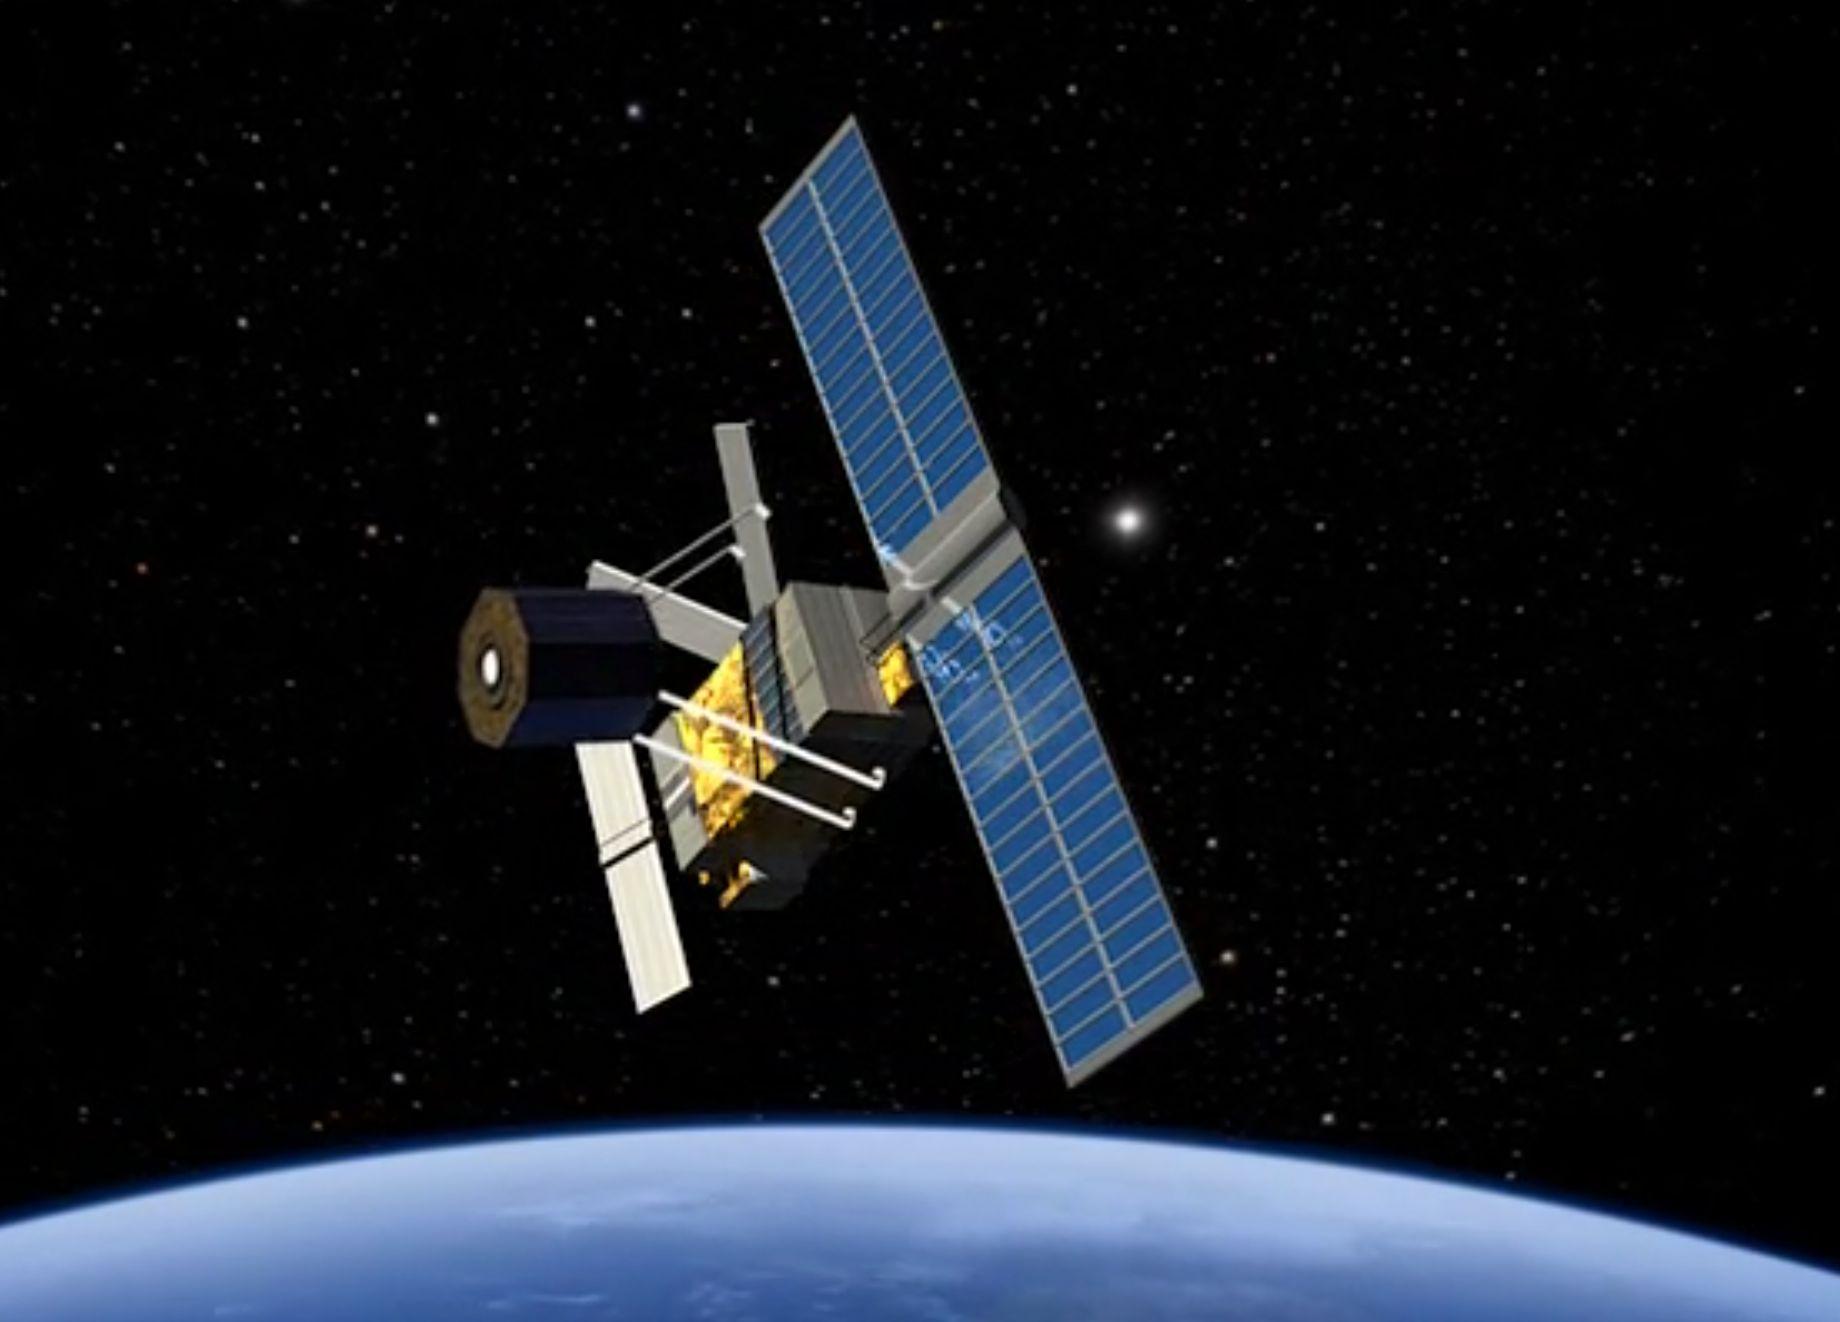 Mit einem zweiseitgen Greifhaken (Clamp) ran an das torkelnde Objekt und es fixieren. Foto: ESA